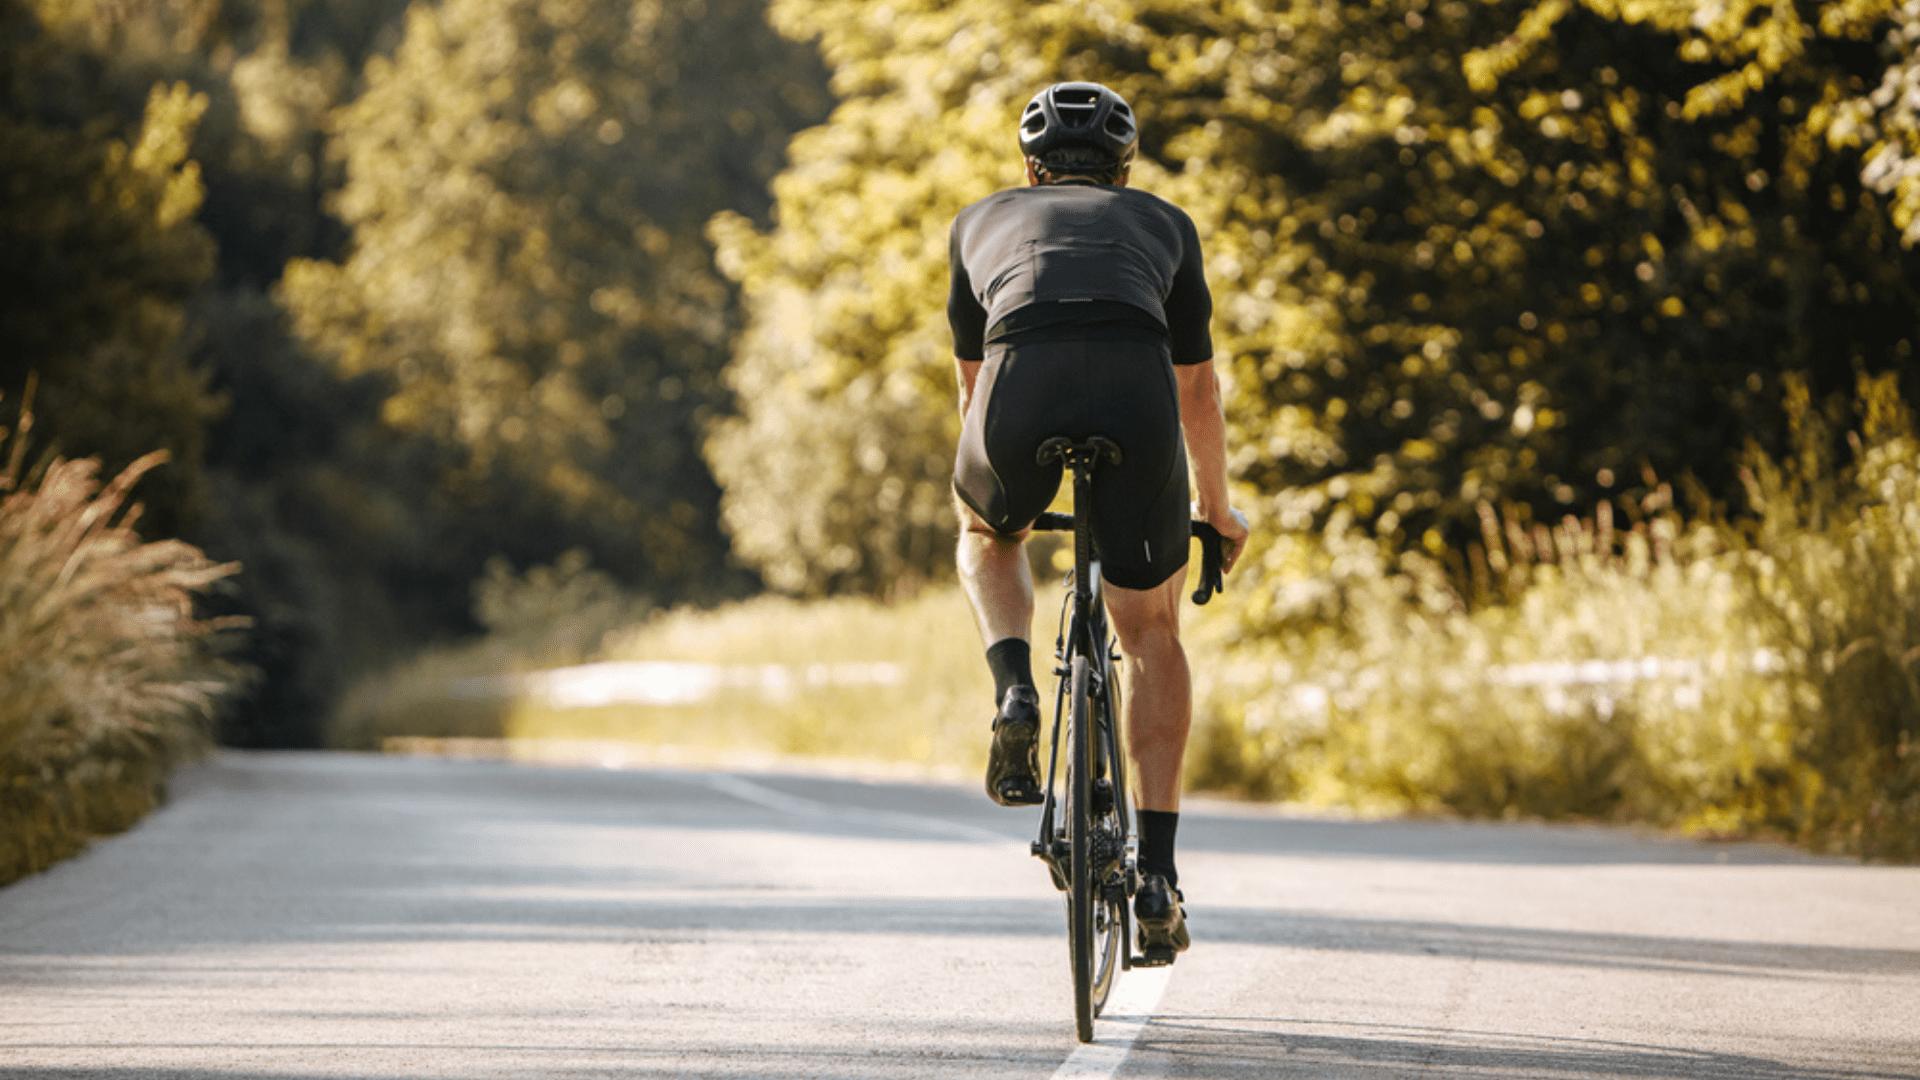 Para pedalar no asfalto, prefira bicicletas de passeio ou de transporte (Imagem: Reprodução/Shutterstock)